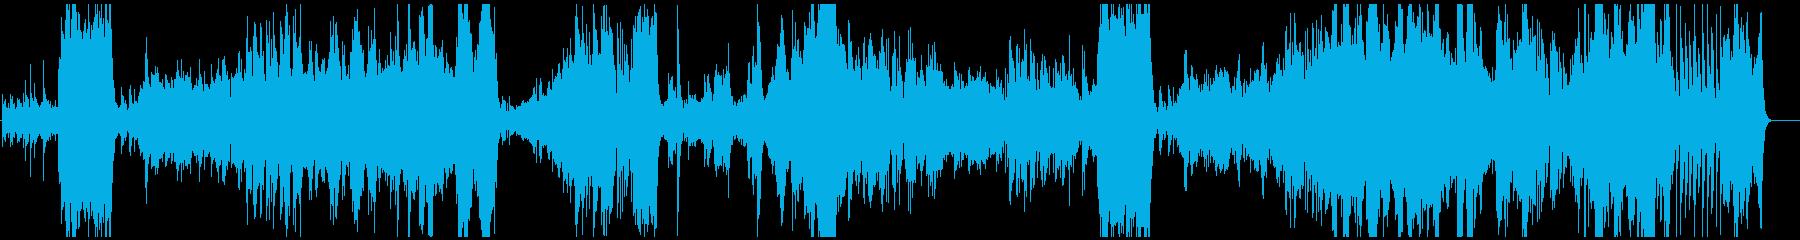 美しく繊細なピアノ・フルート・チェロの再生済みの波形